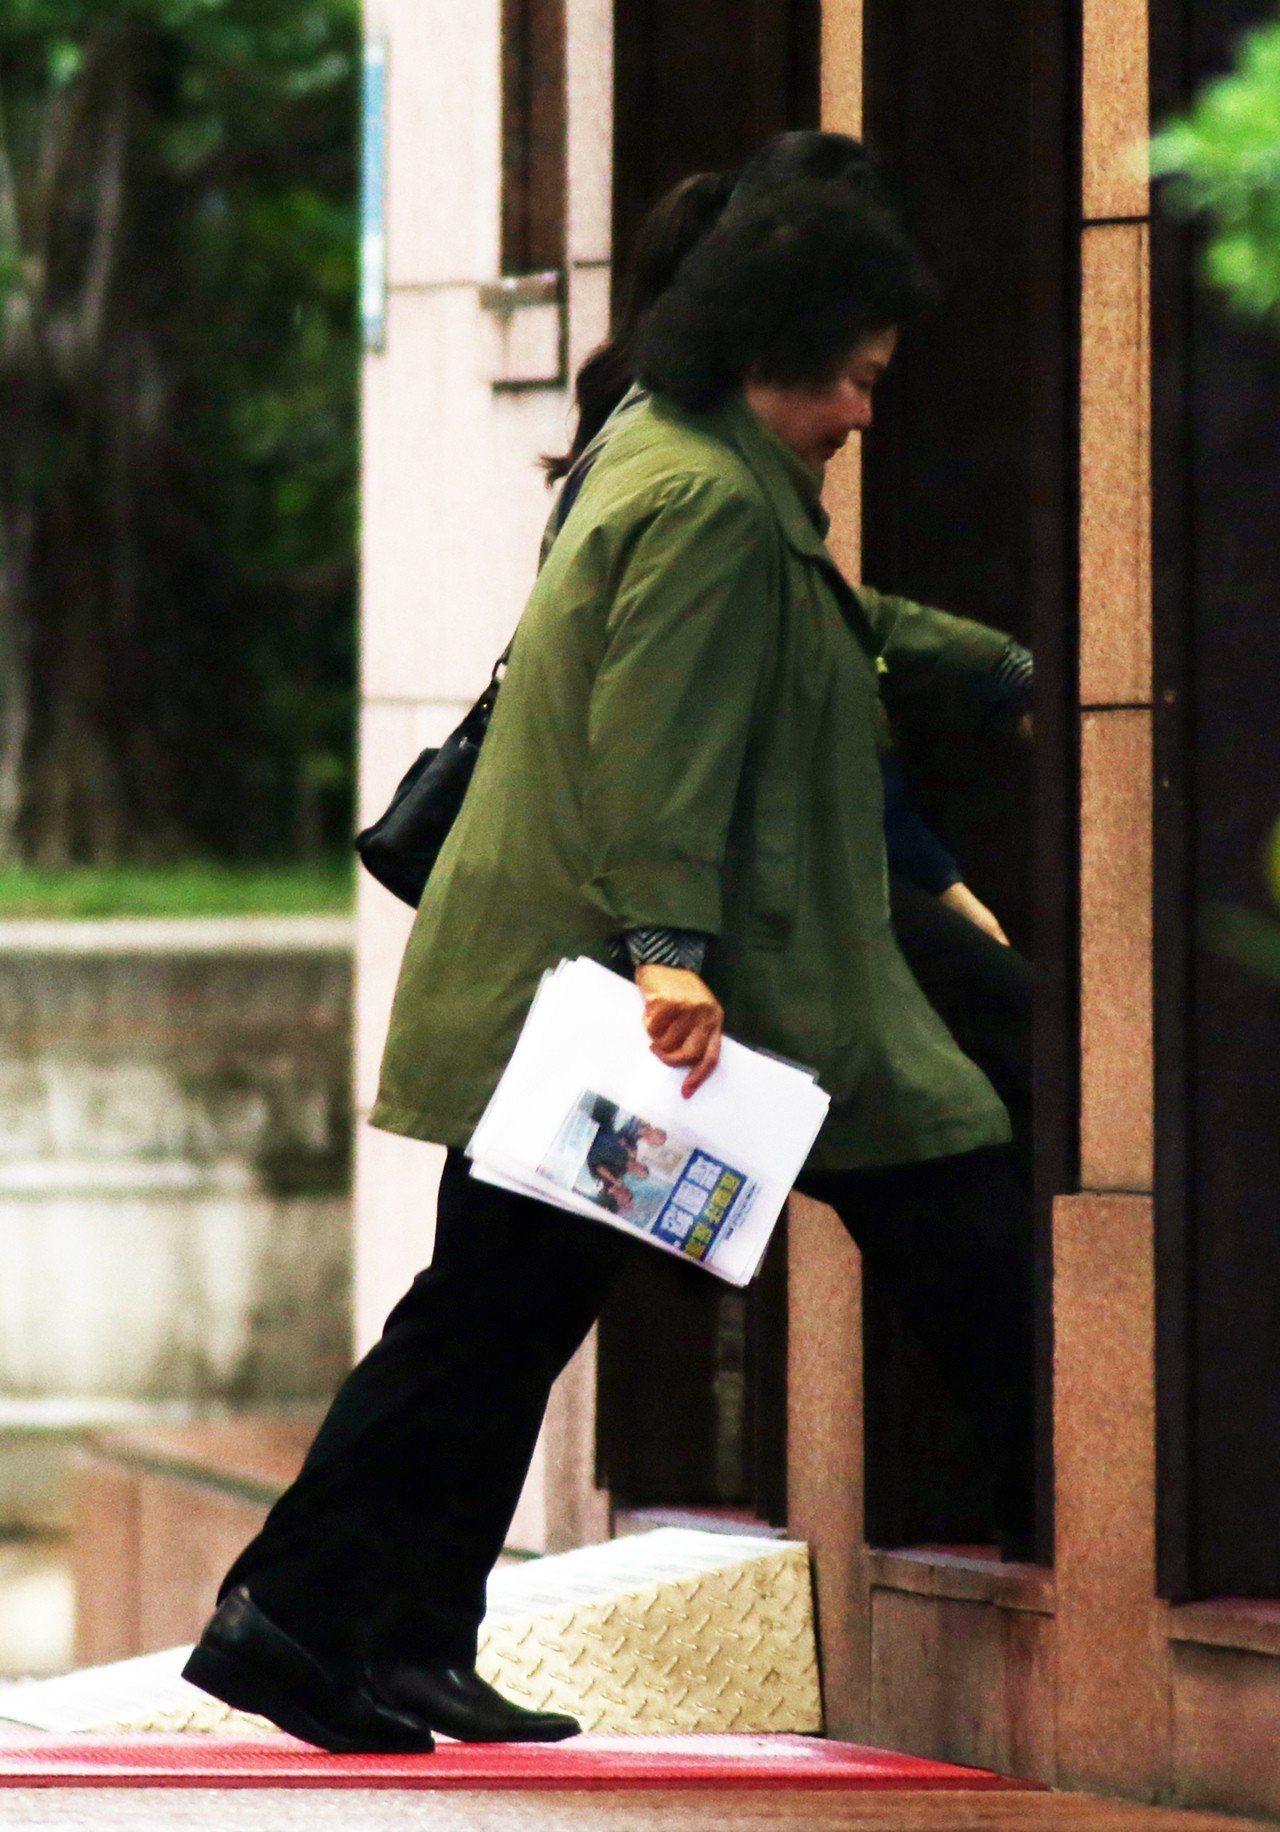 台股大跌,行政院副院長施俊吉昨天下午召集中央銀行、金管會、財政部等相關財金單位召...